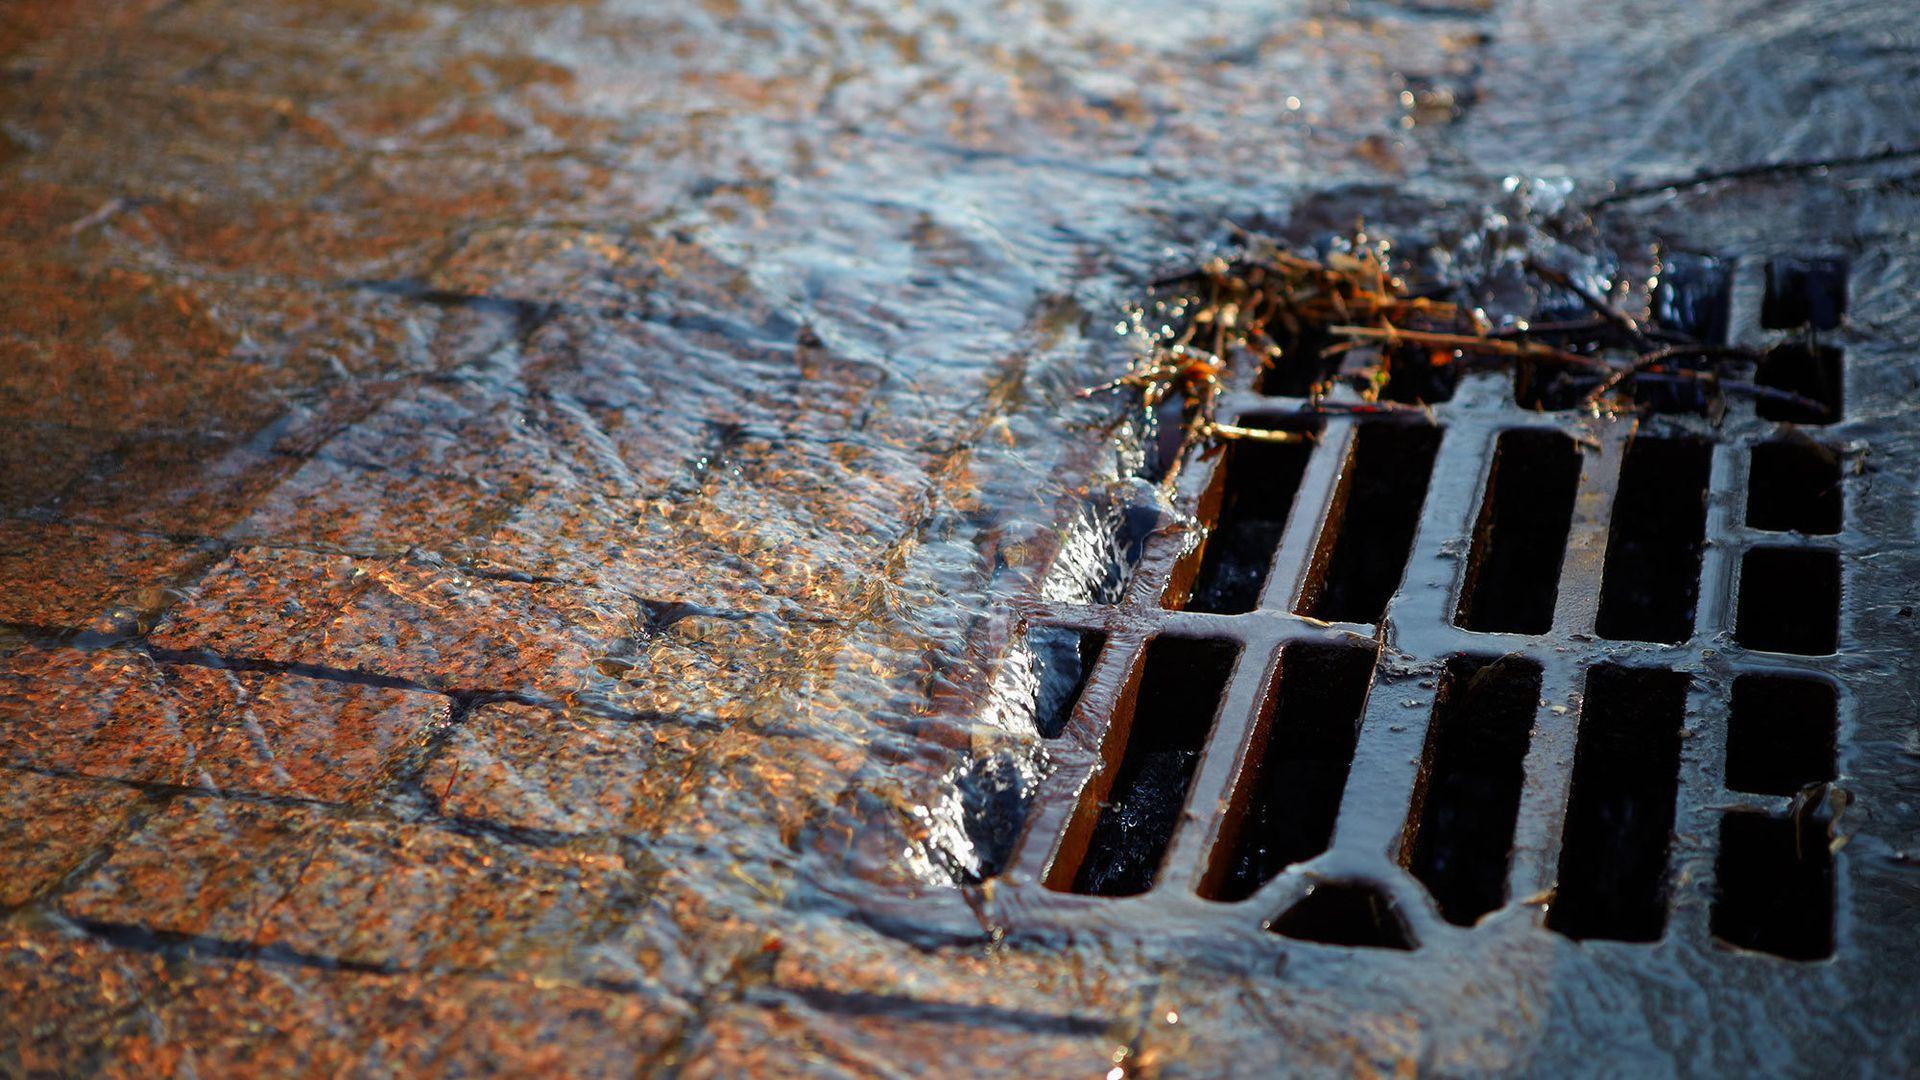 Rister som dette tar unna regnvannet, også kjent som overvann, langs gater, veier og parker. Men visste du hva som skjer med vannet rett under kummen?